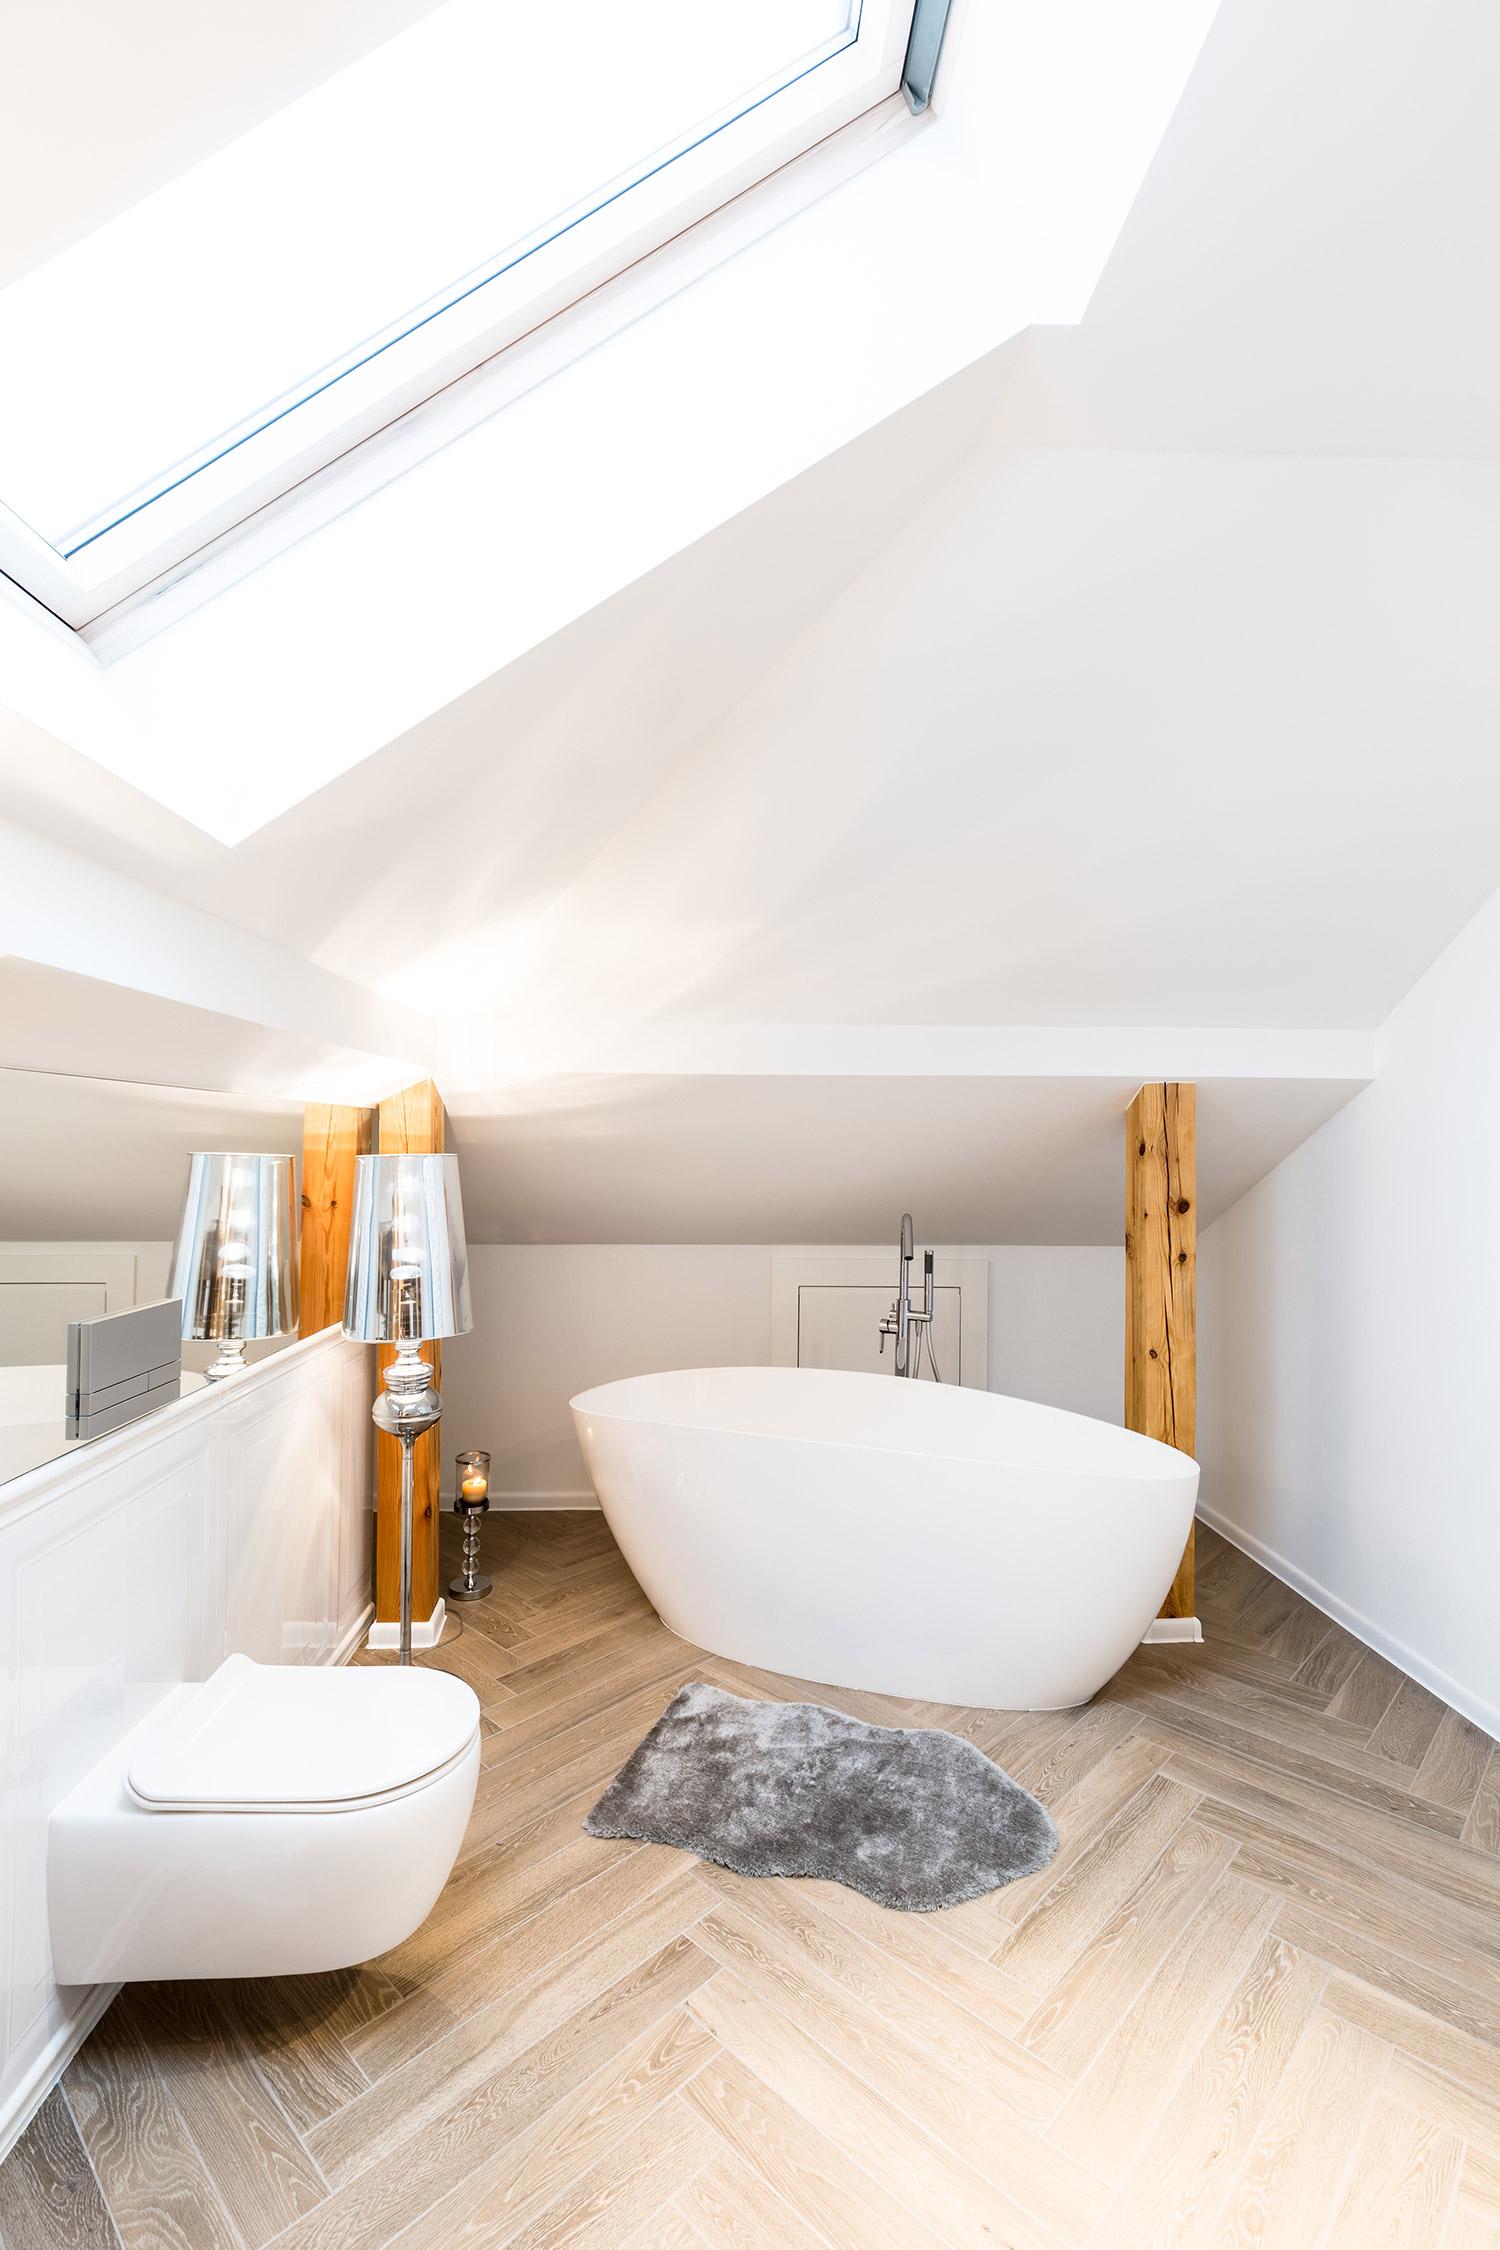 Houtlook visgraat tegels in badkamer